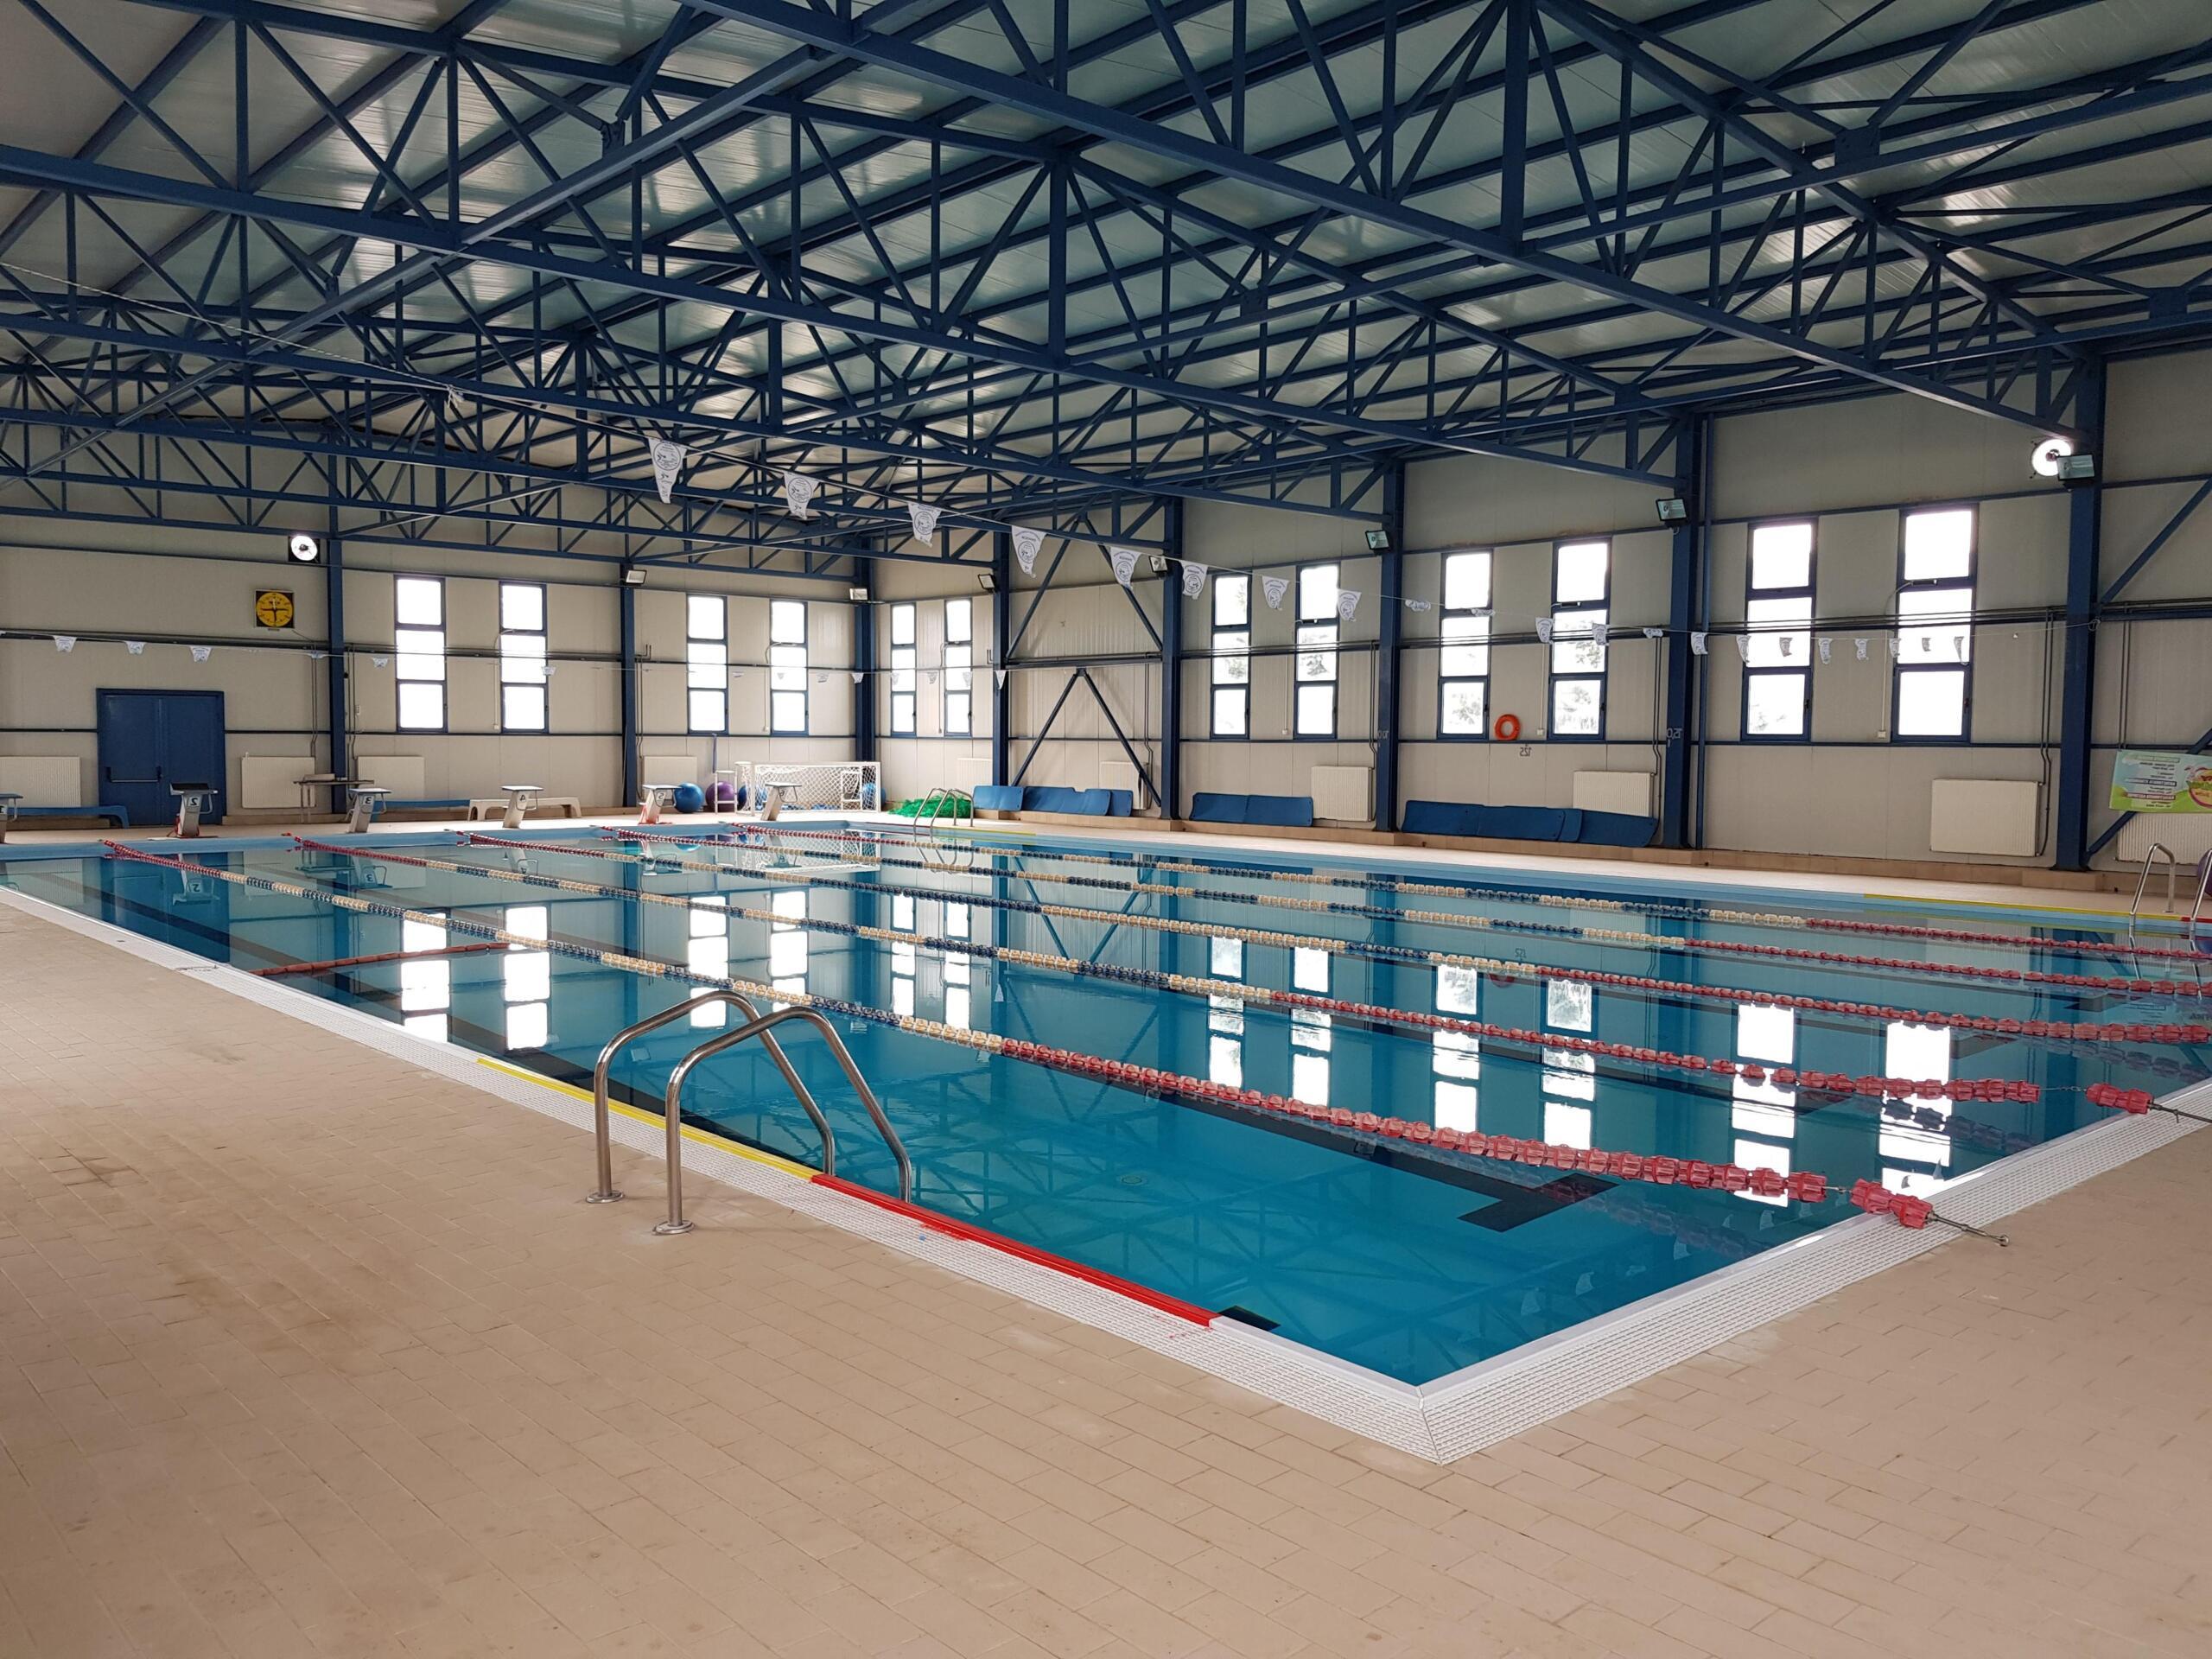 Εκσυγχρονίζονται οι εγκαταστάσεις του Λιάπειου Αθλητικού Κέντρου